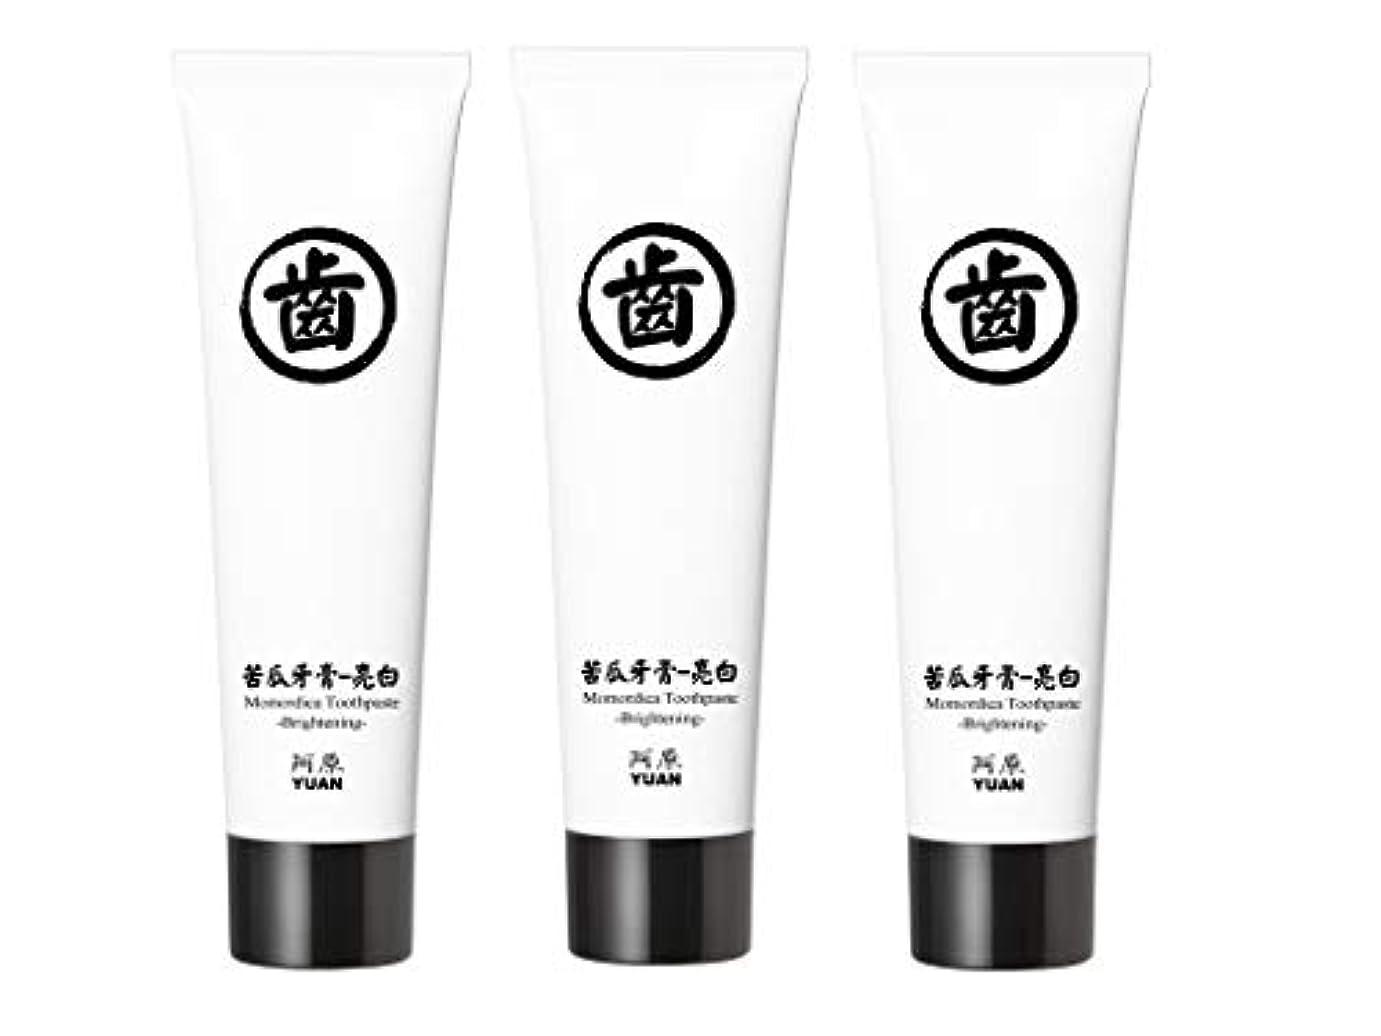 岸ペフワームユアン(YUAN) にがうり歯みがきペーストホワイトニング 75g (阿原 ユアン 歯磨き粉) ×3